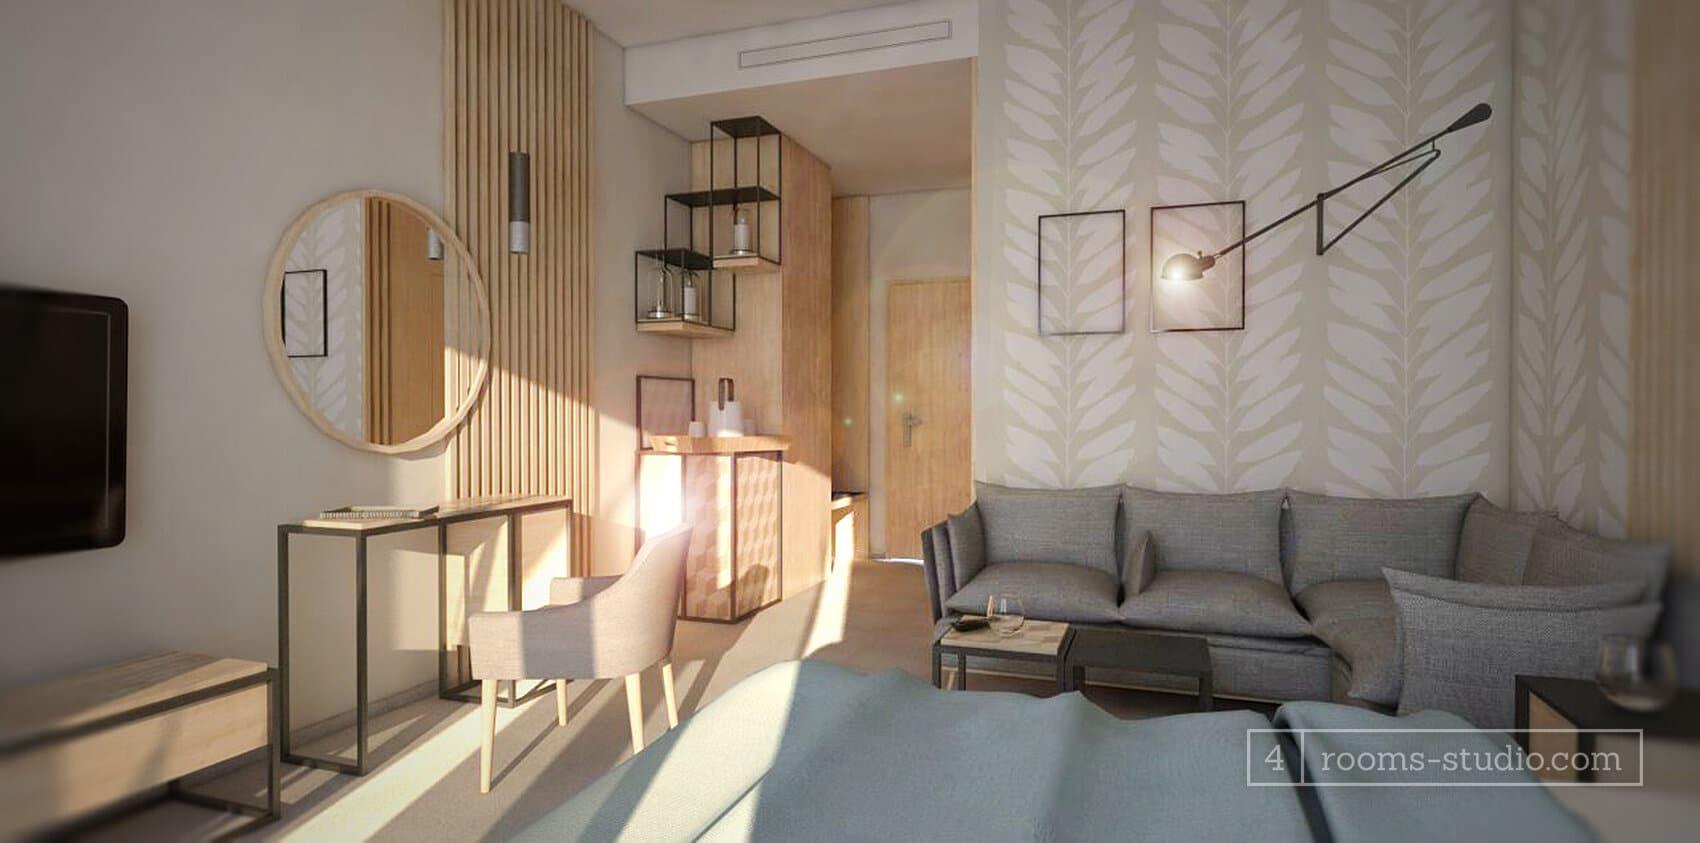 Pokój hotelowy w stylu skandynawskim